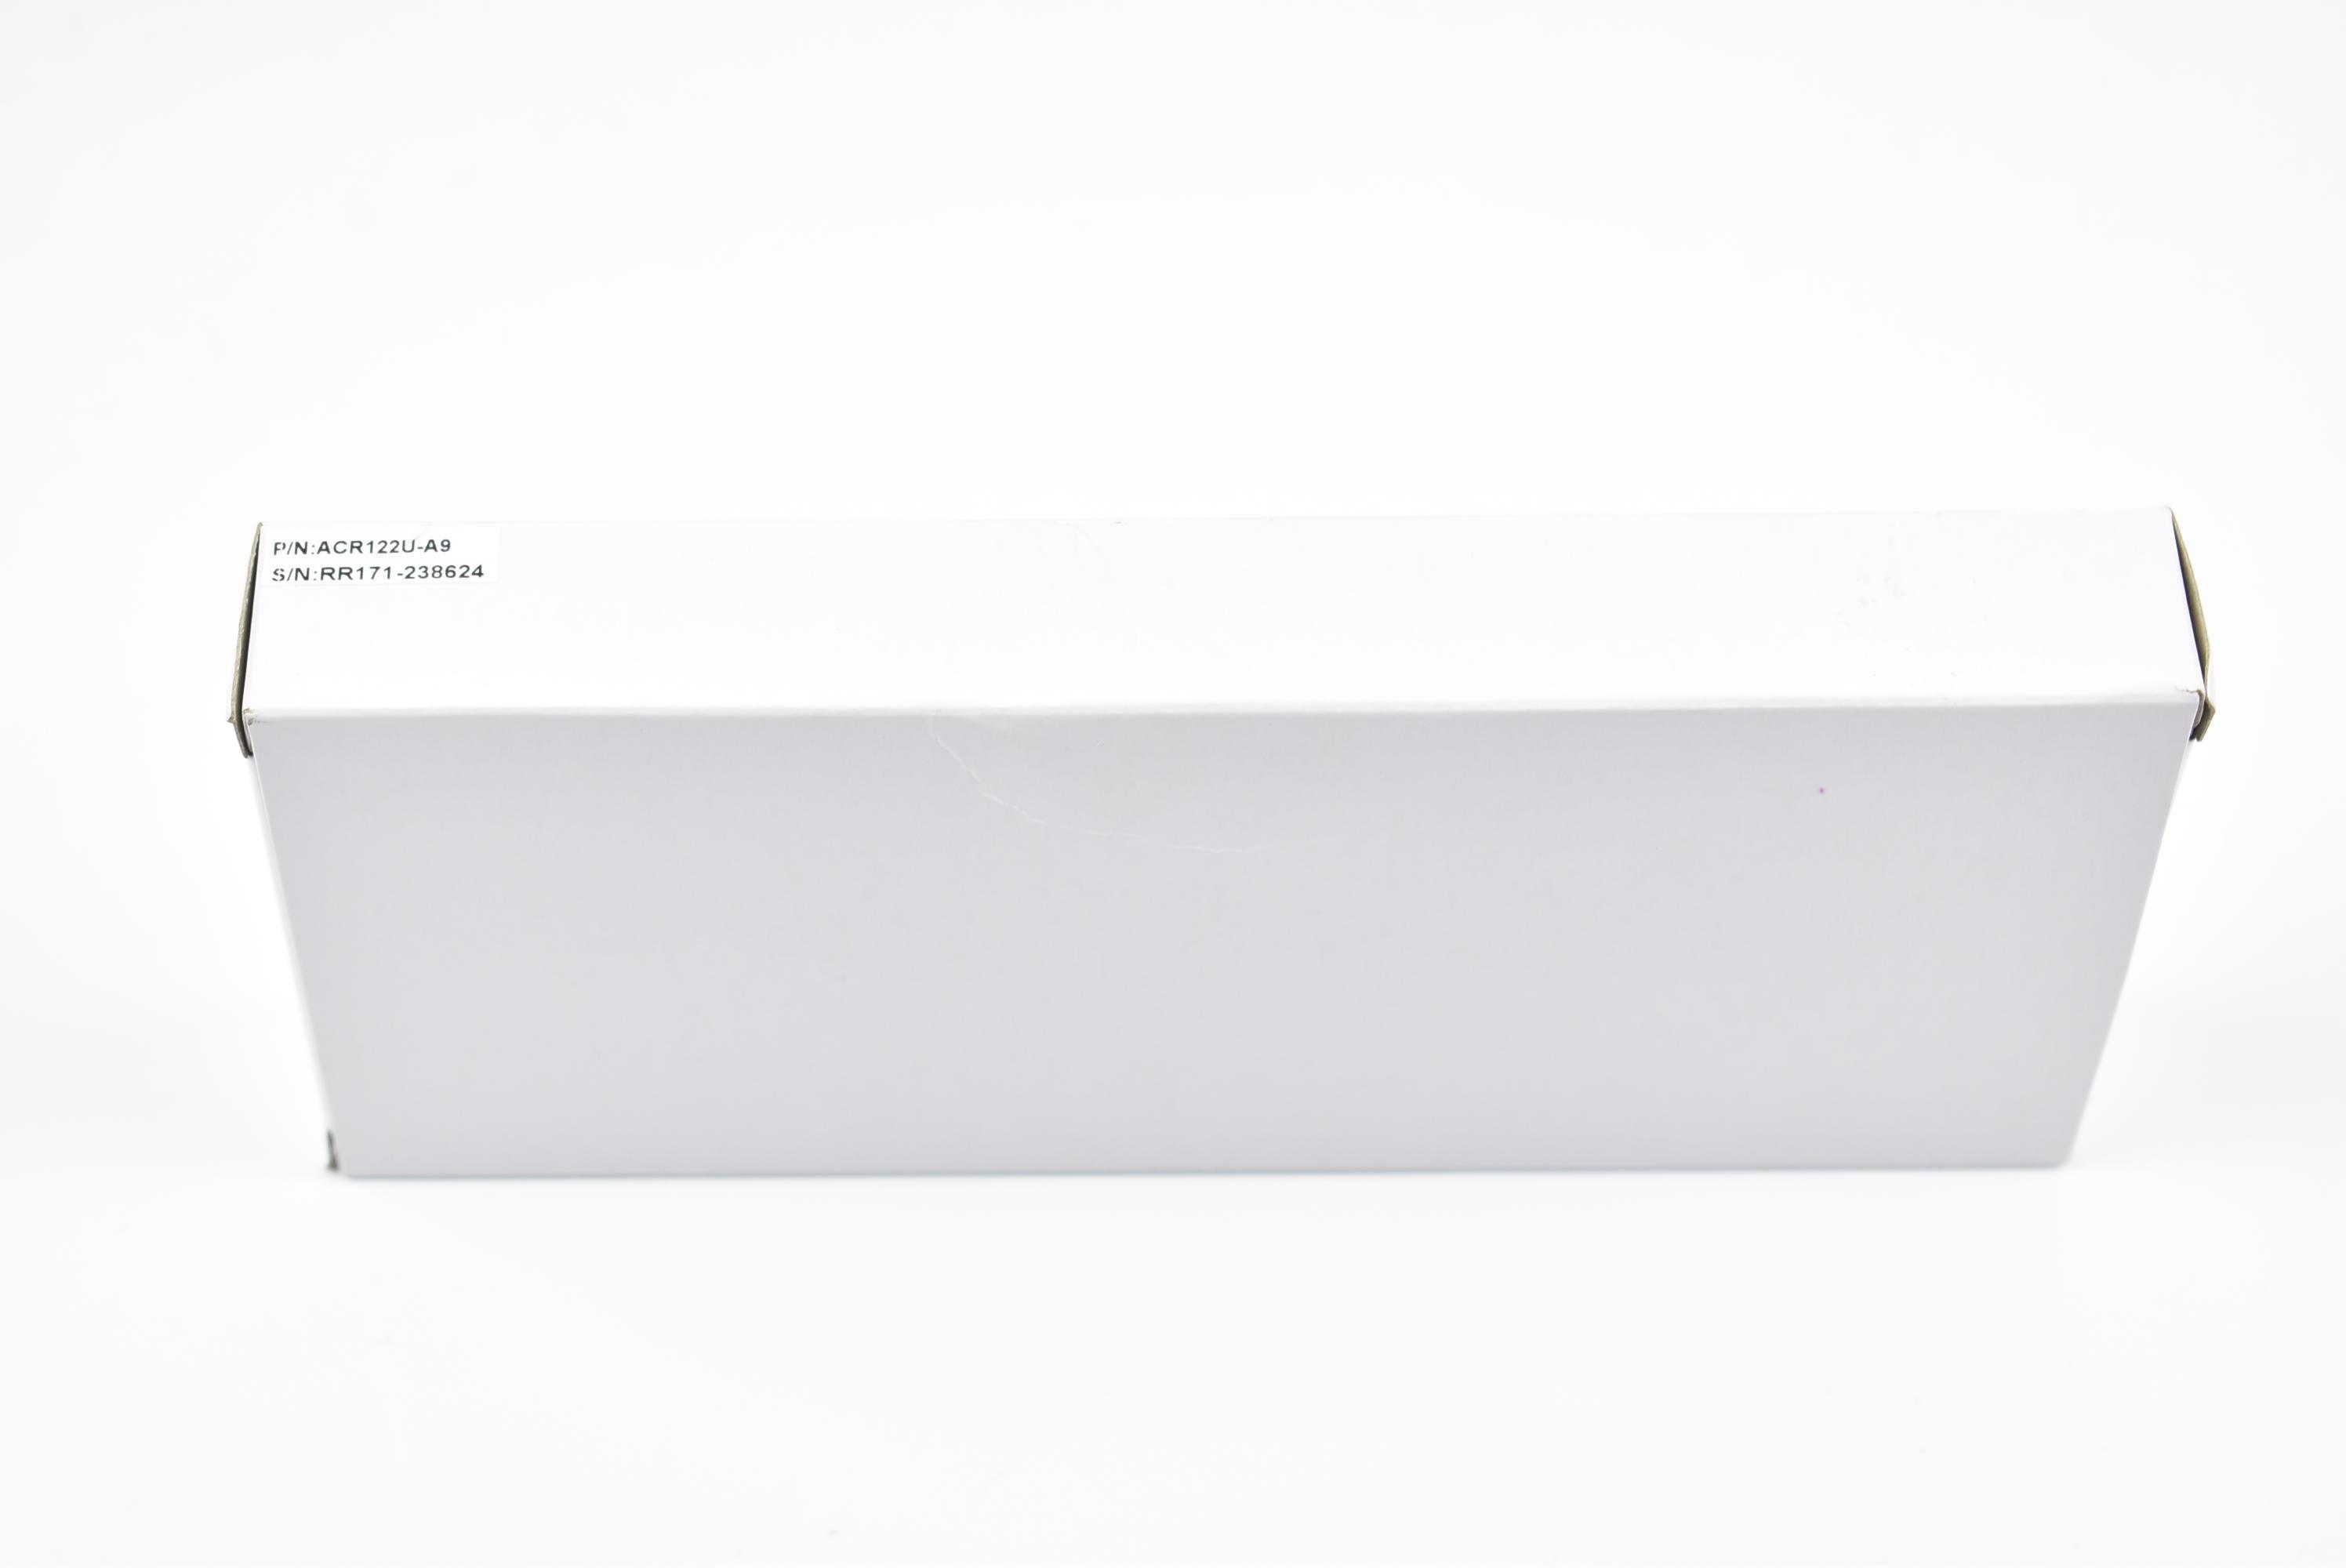 USB ACR122U NFC RFID считыватель смарт-карт писатель+ 5 шт. UID карт+ 5 шт. UID тегов+ SDK+ M-ifare копия клон программного обеспечения